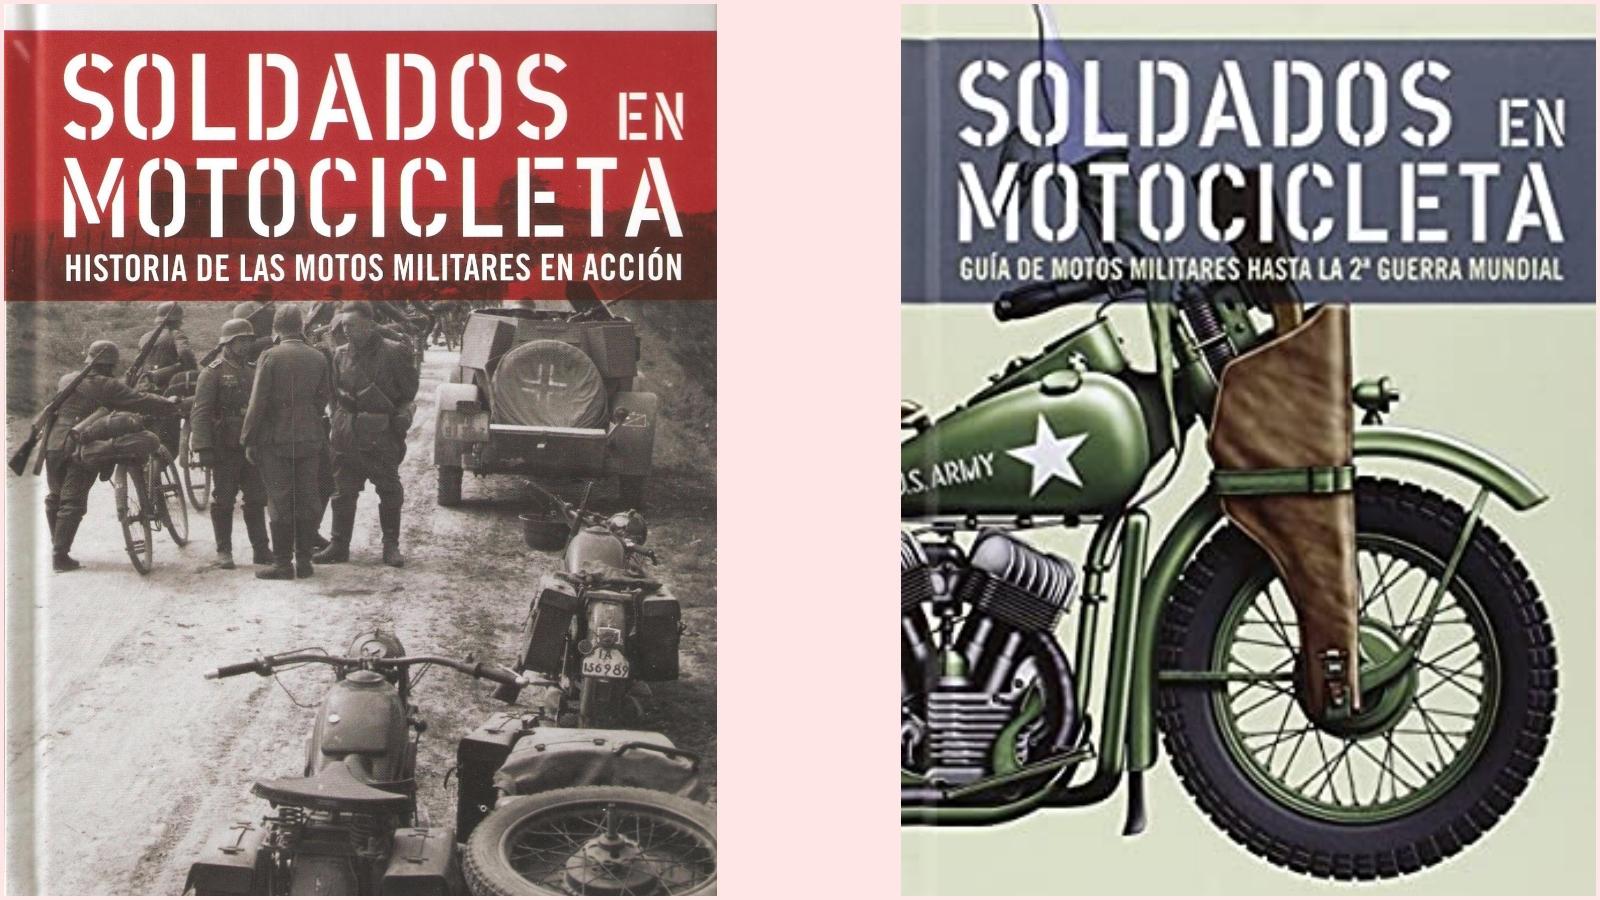 Soldados en motocicleta / Bartolomé Arenas